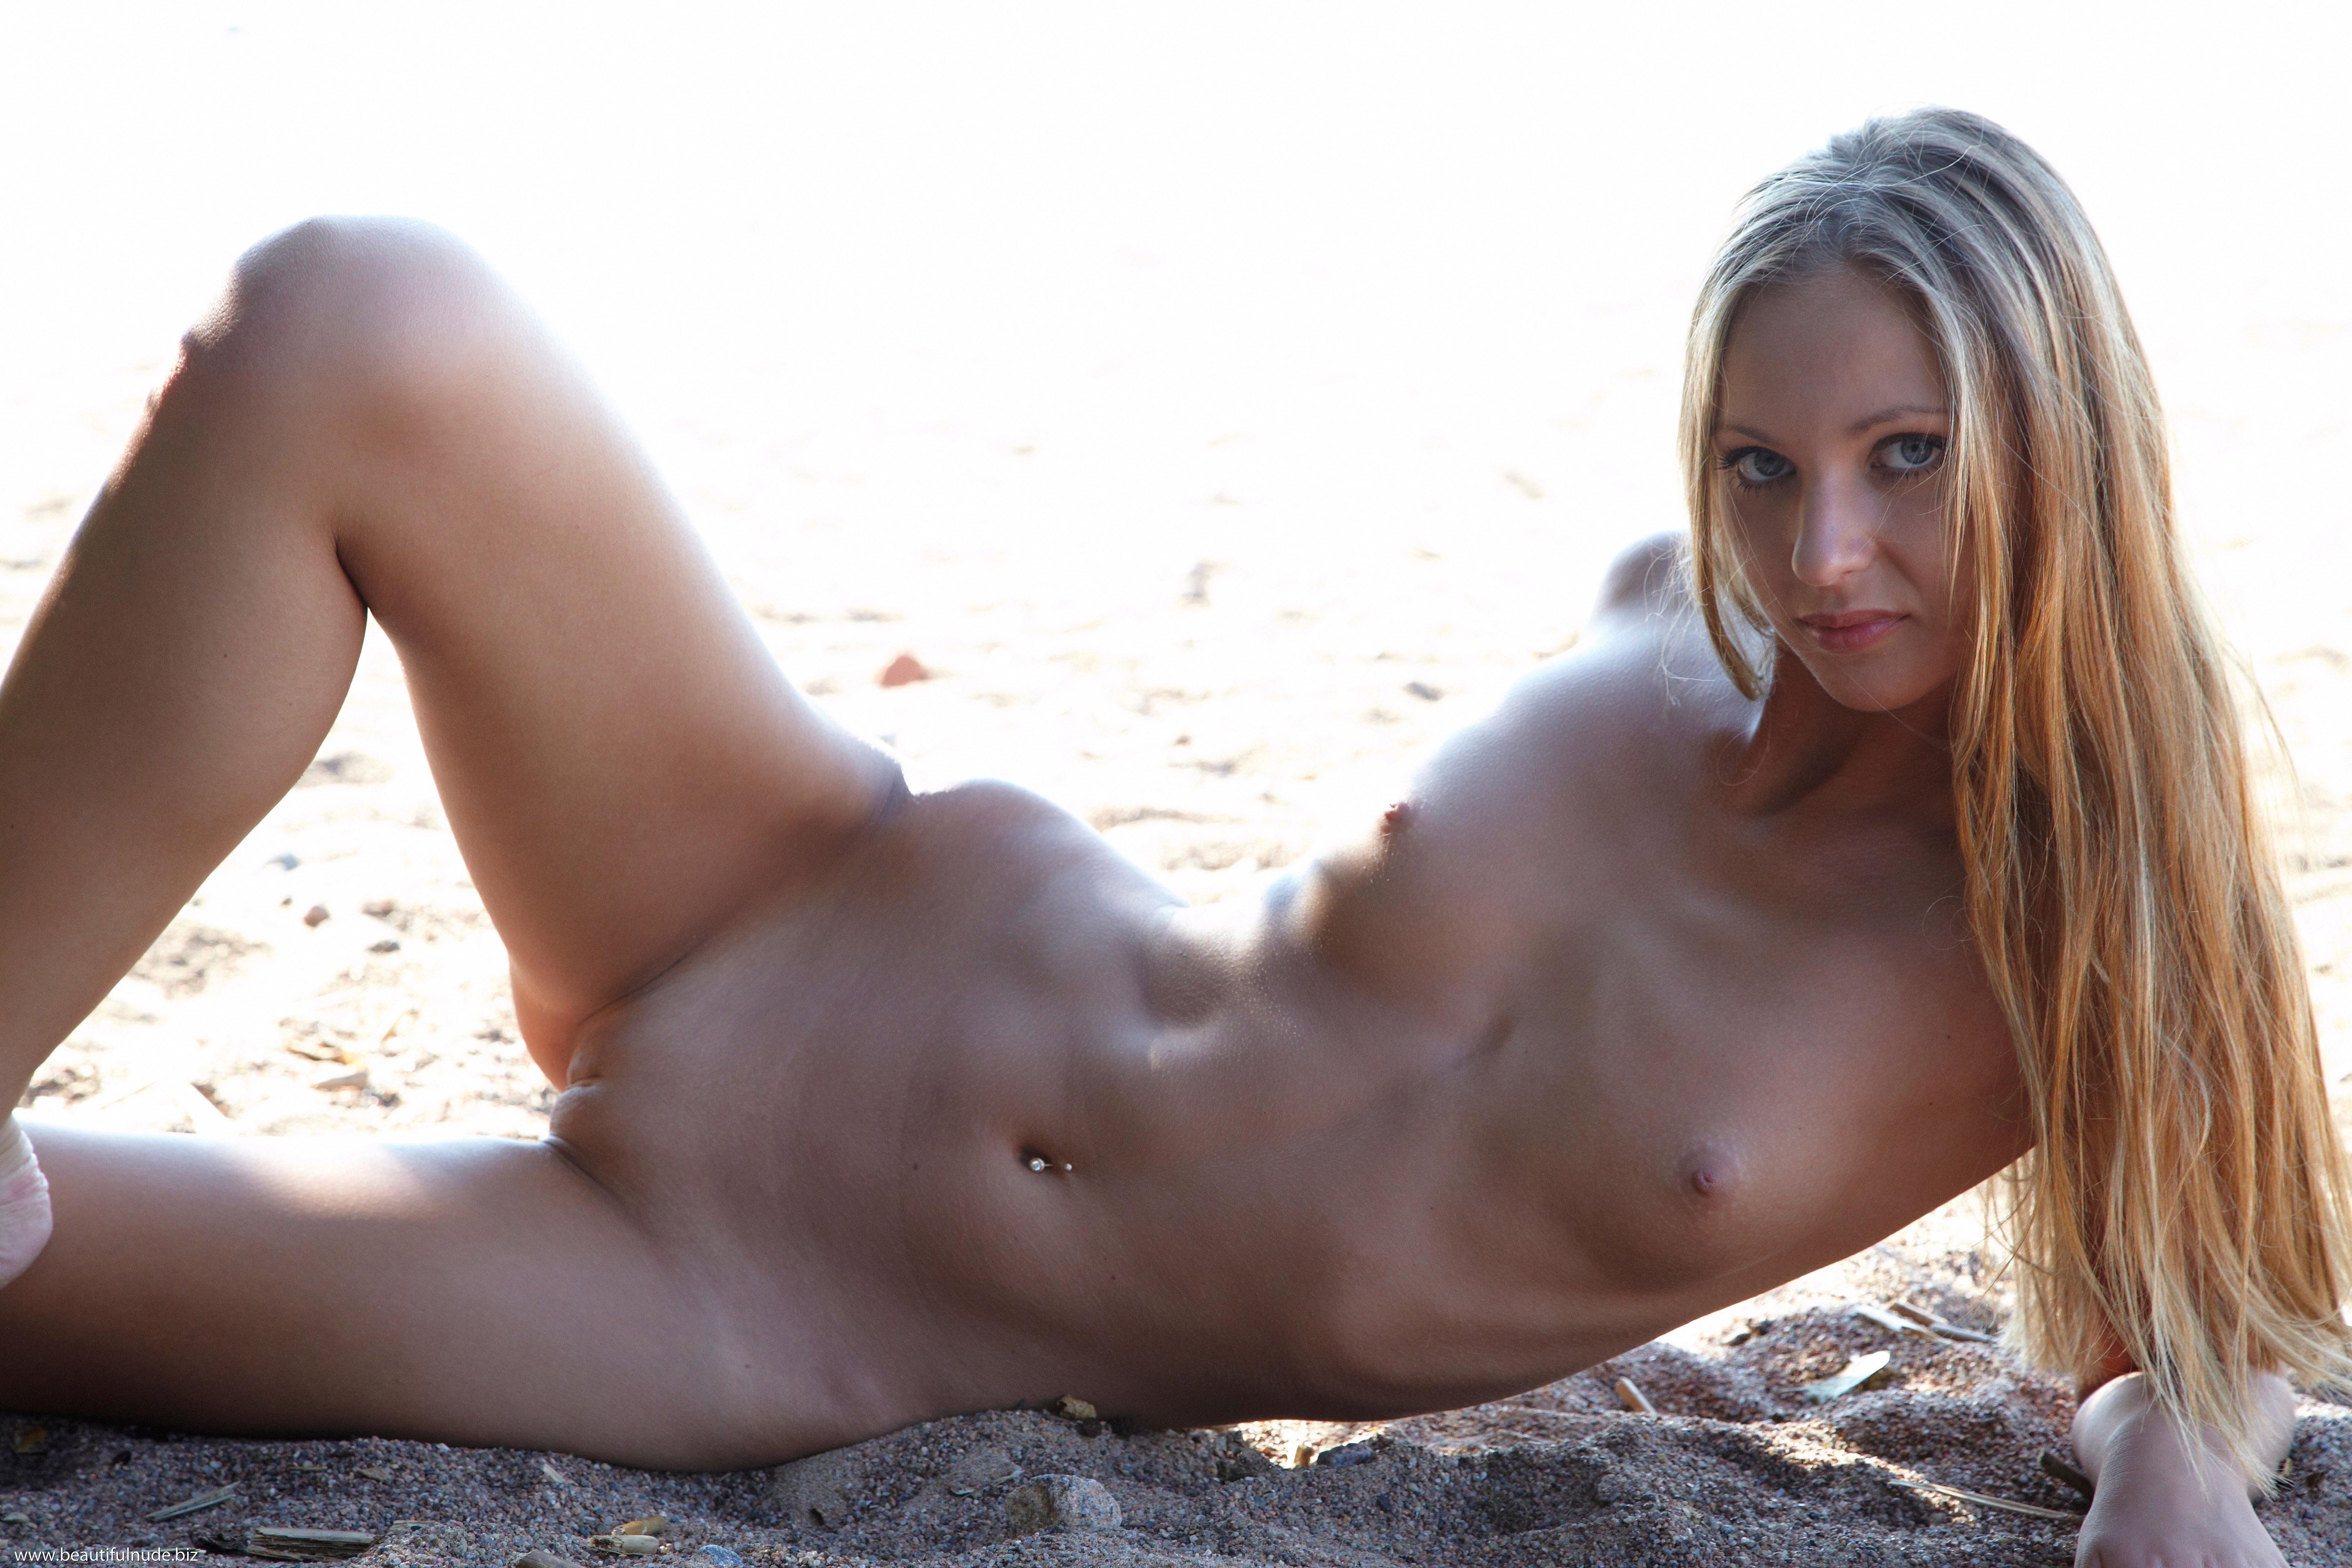 Eva lovia totally nude webcam videos